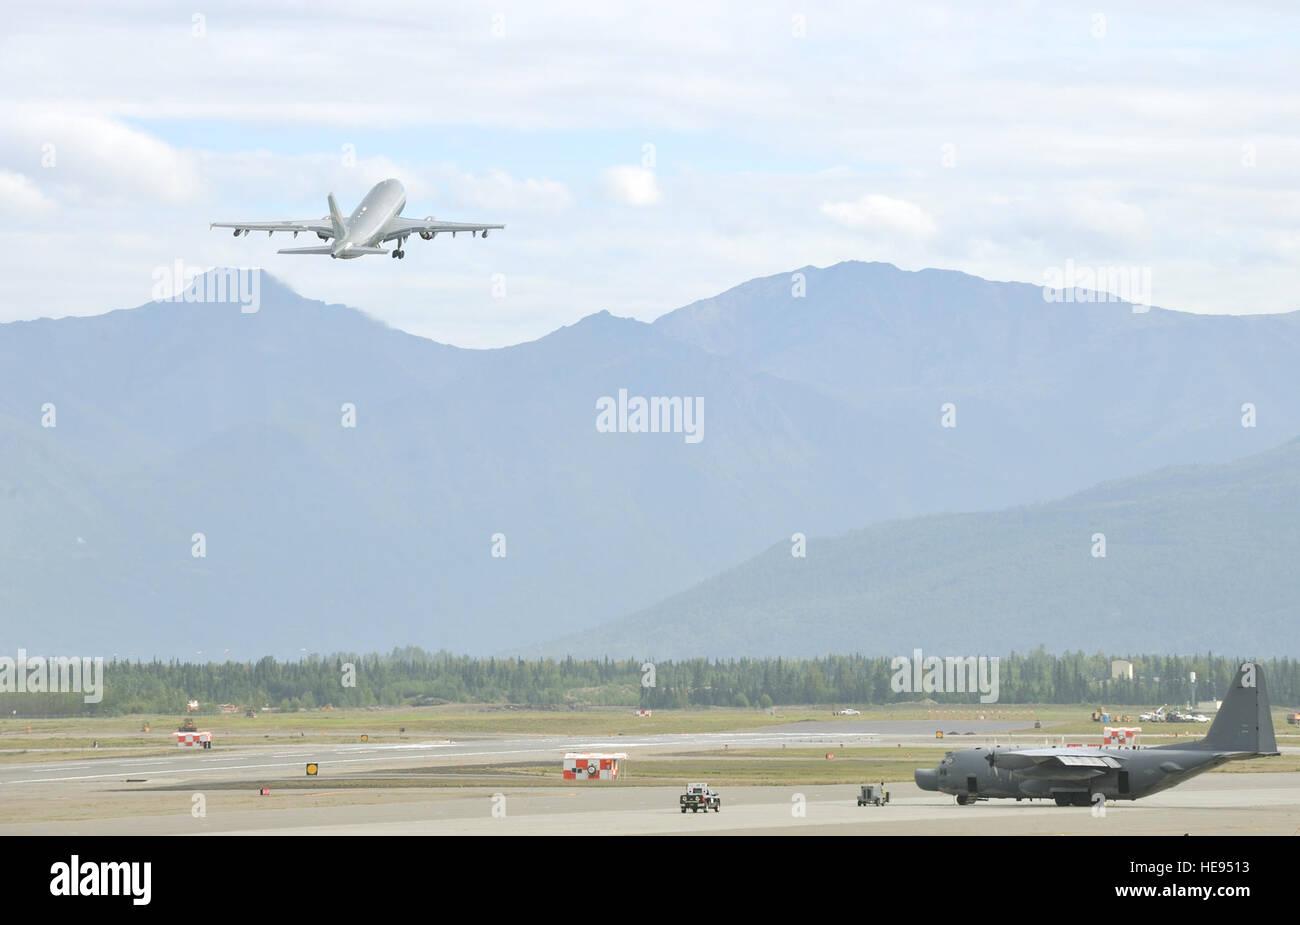 A CC-150 Polaris Airbus from 437 Squadron in Trenton, Ontario, takes off from Joint Base Elmendorf-Richardson, Alaska, Stock Photo